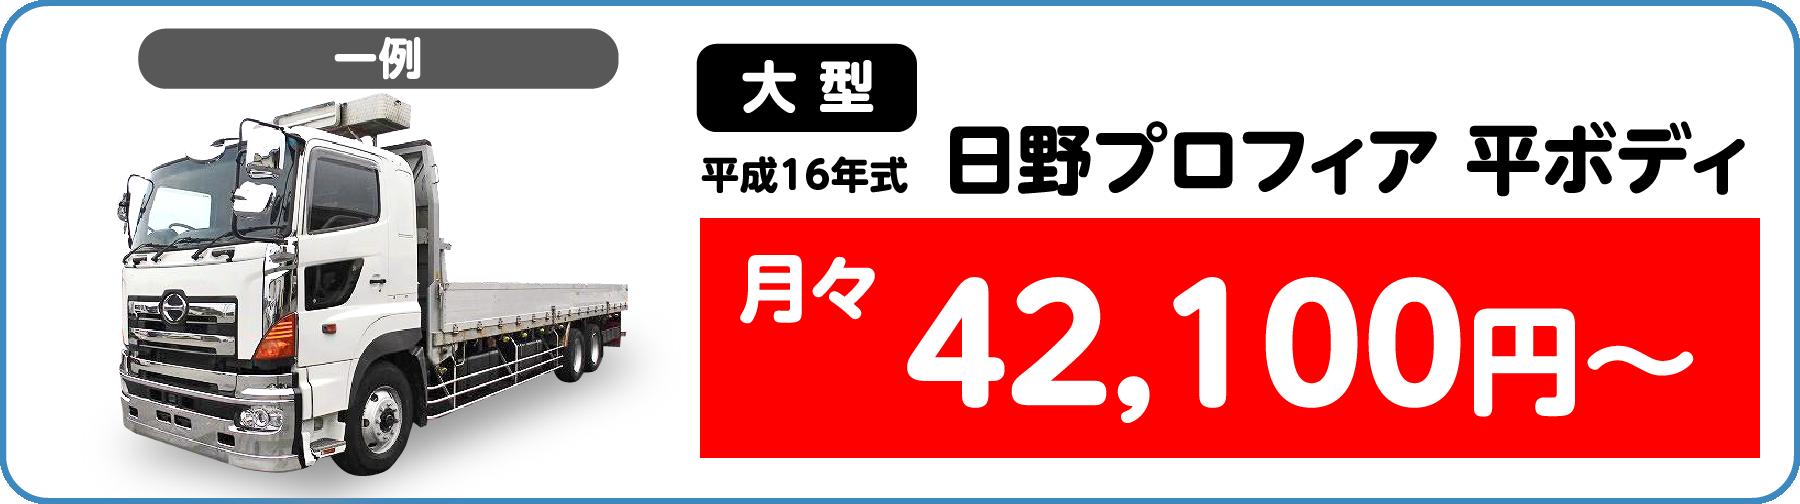 campaign-01 (2)